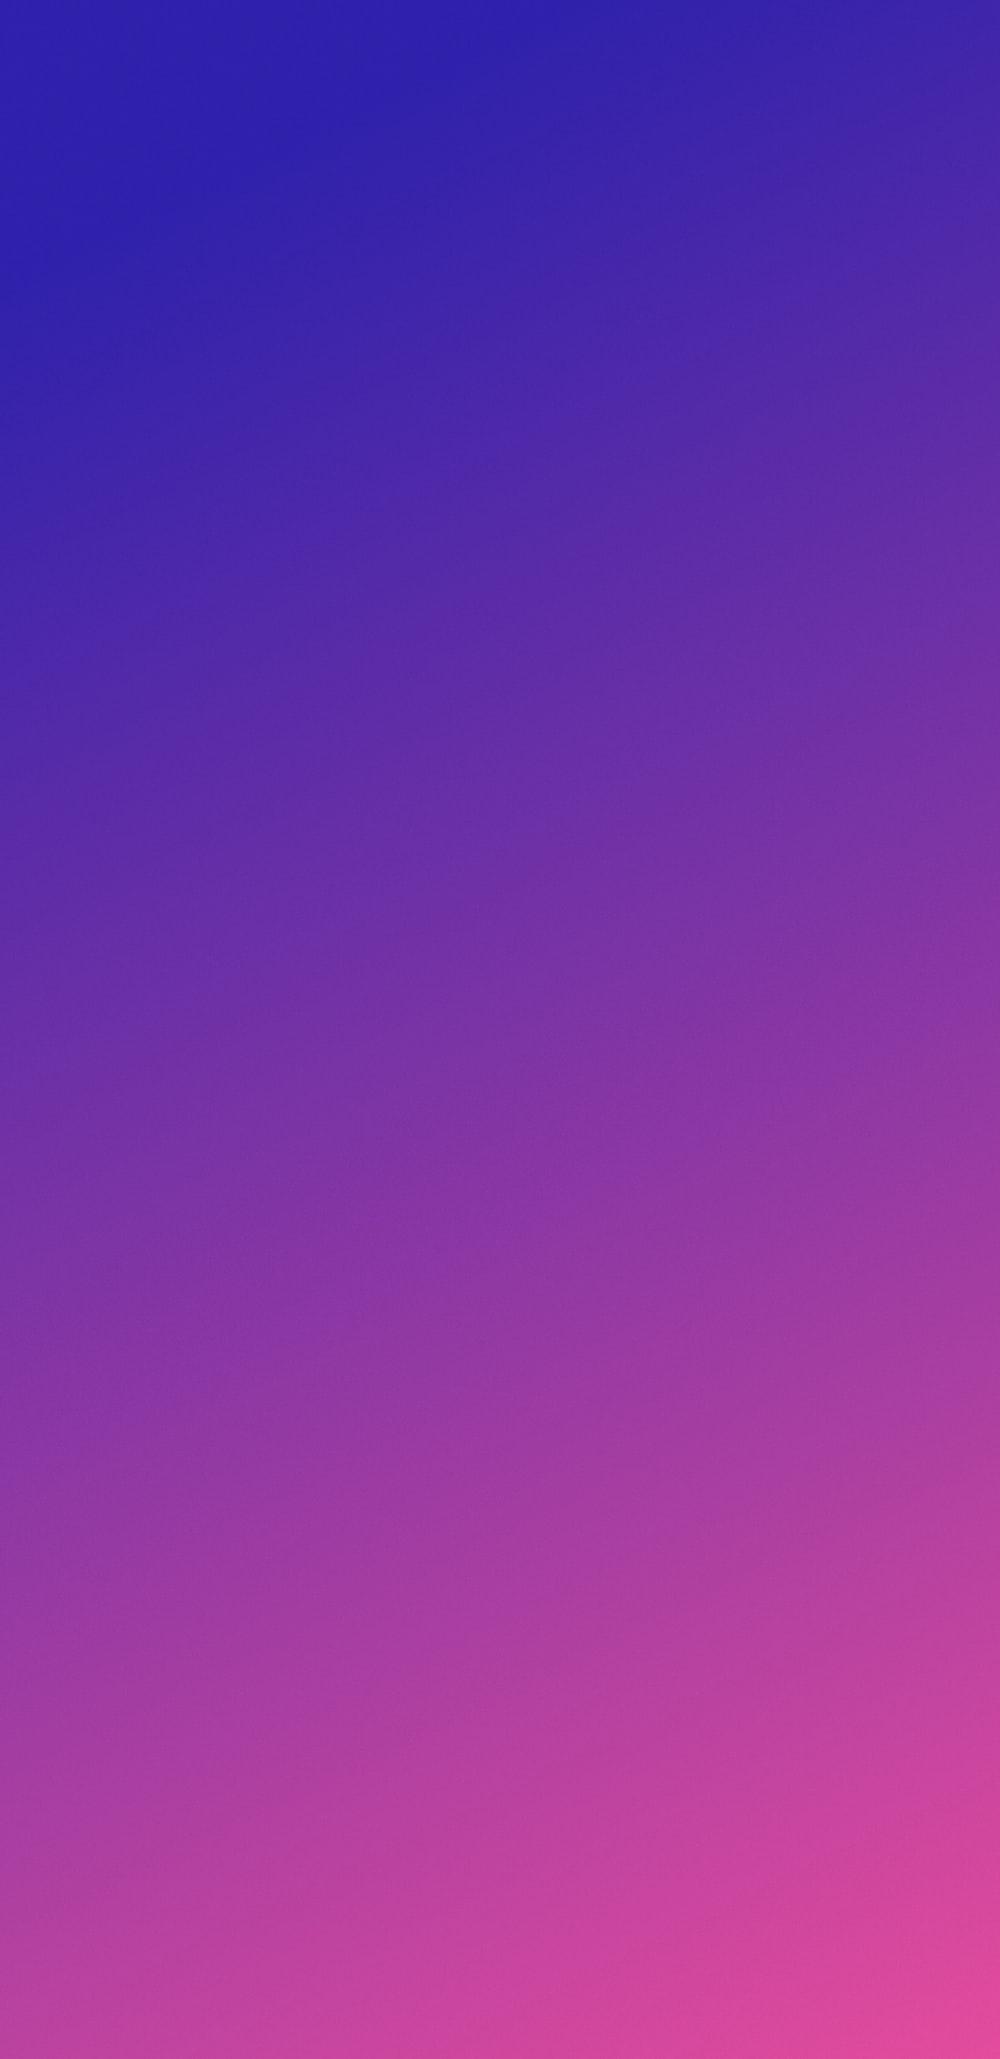 Dark blue to purple gradient